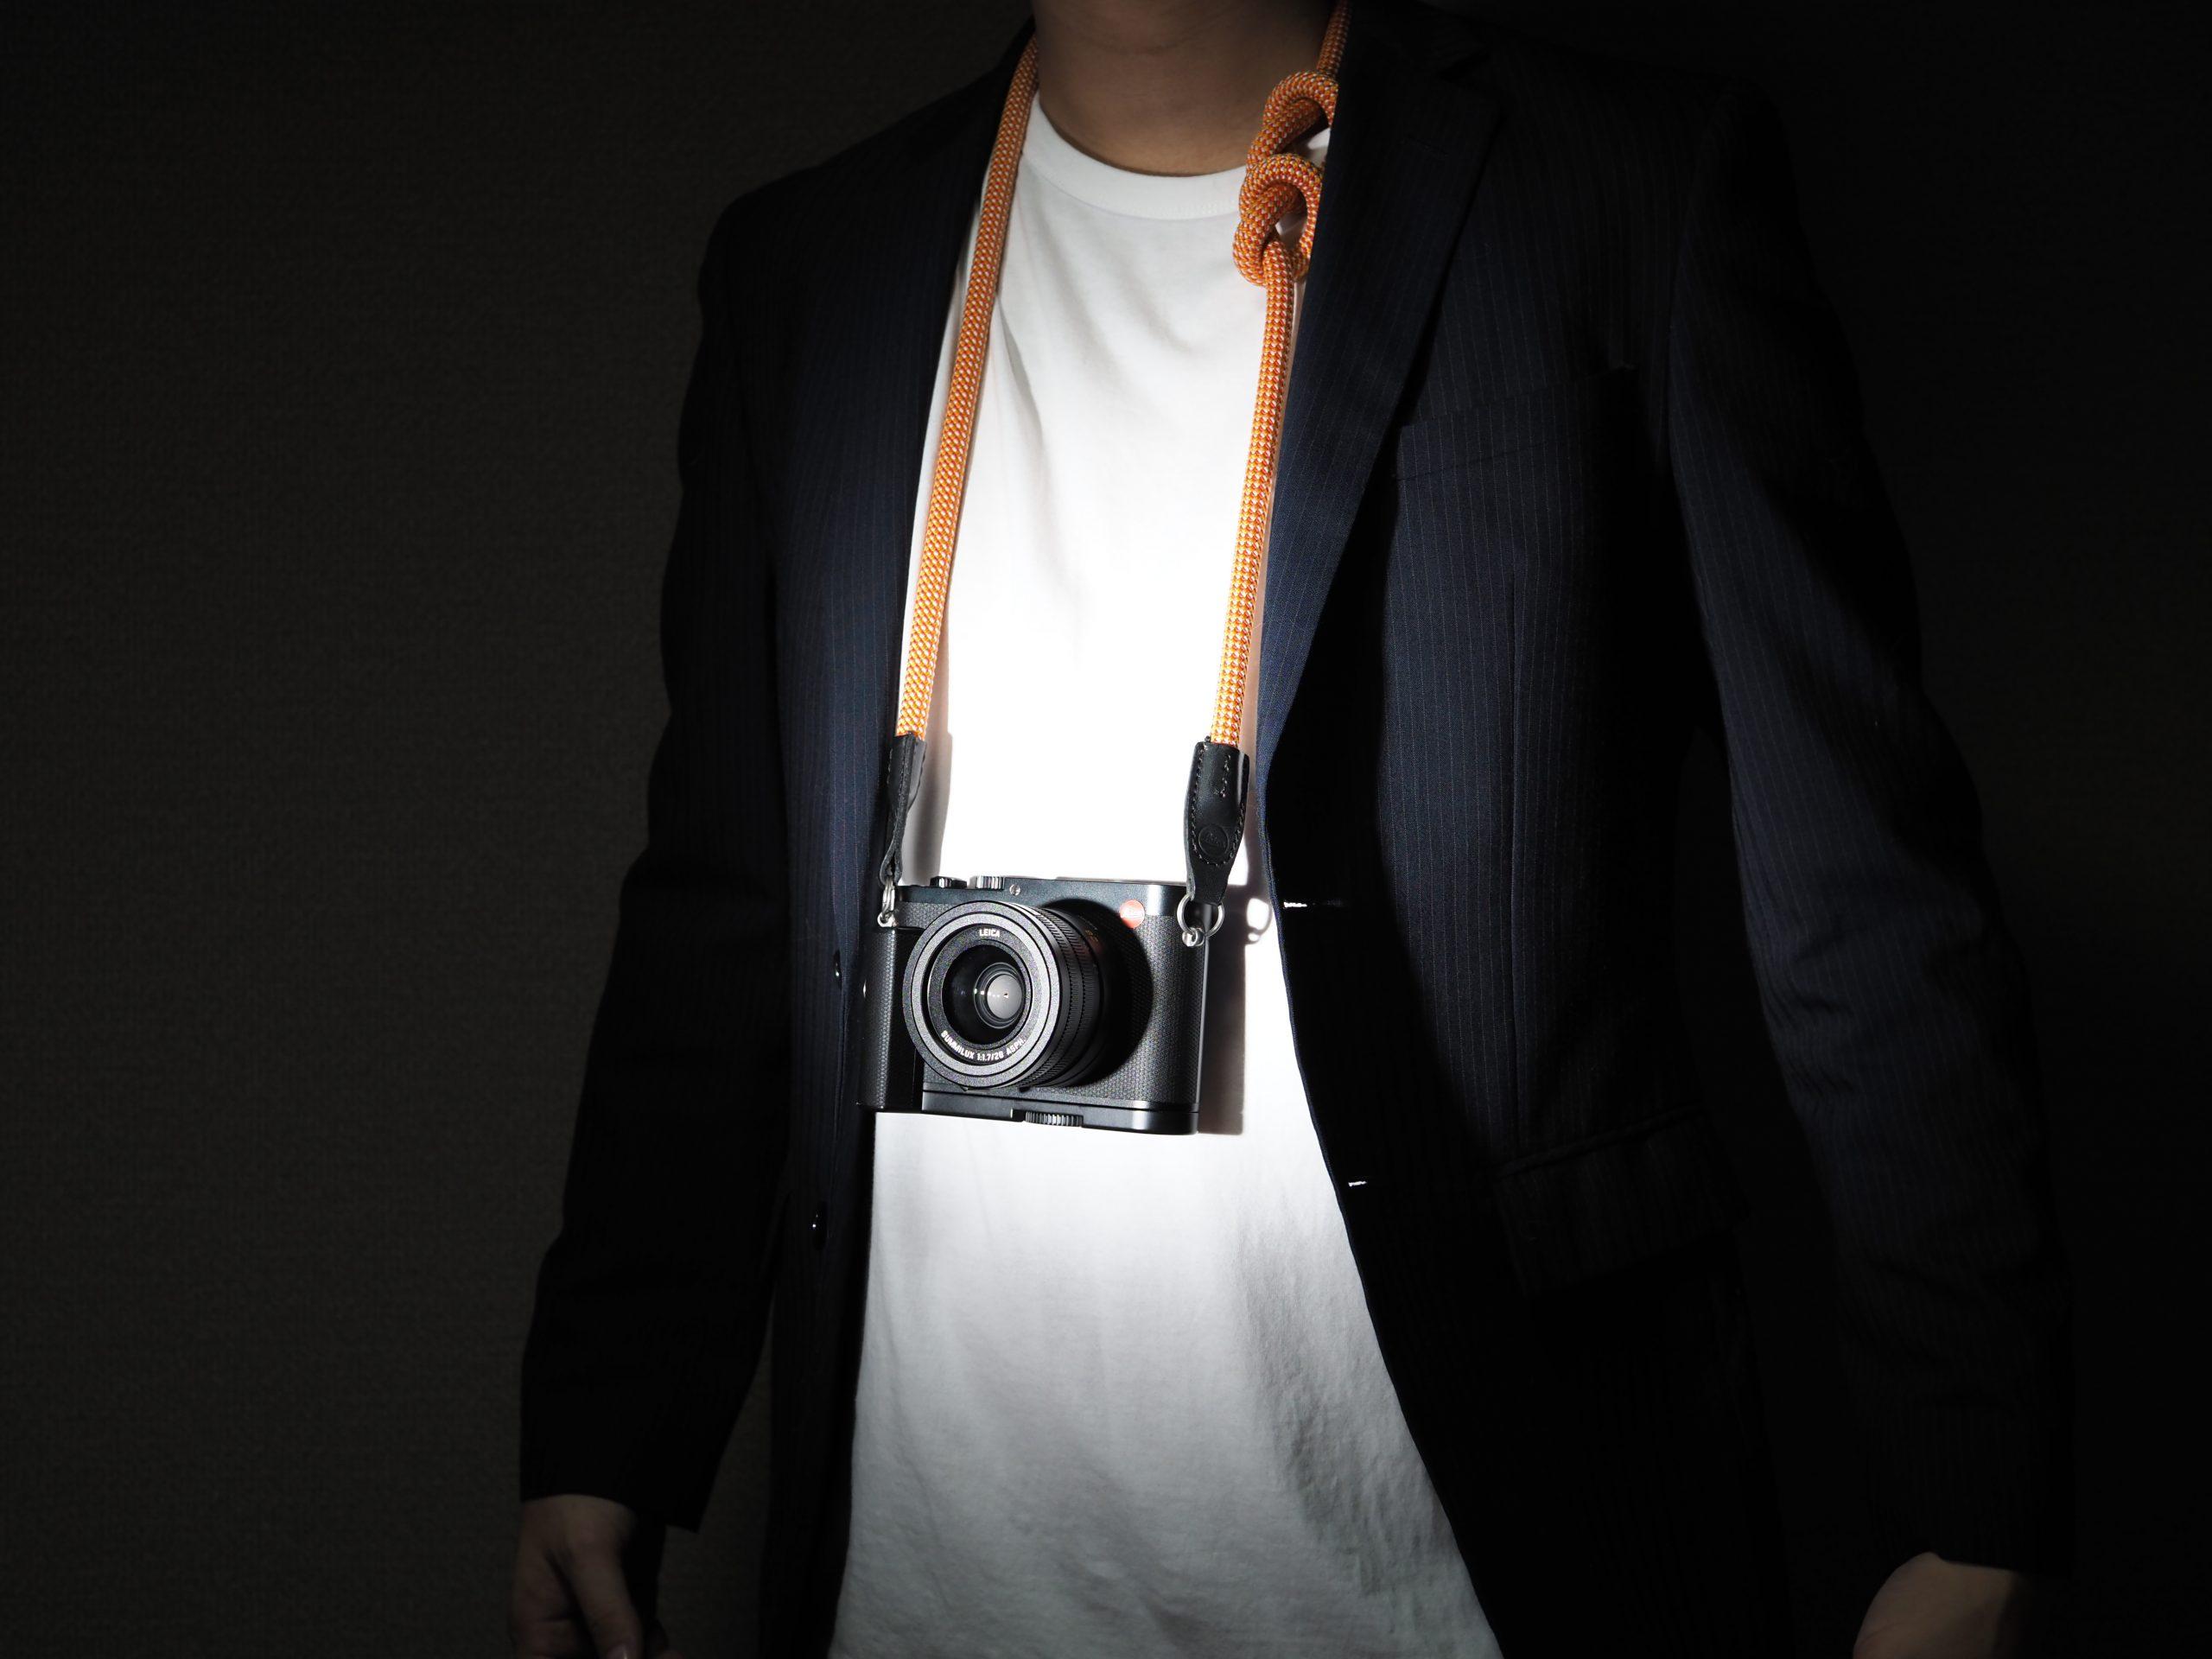 【自機一体】マップカメラスタッフこだわりの逸品 Vol.41